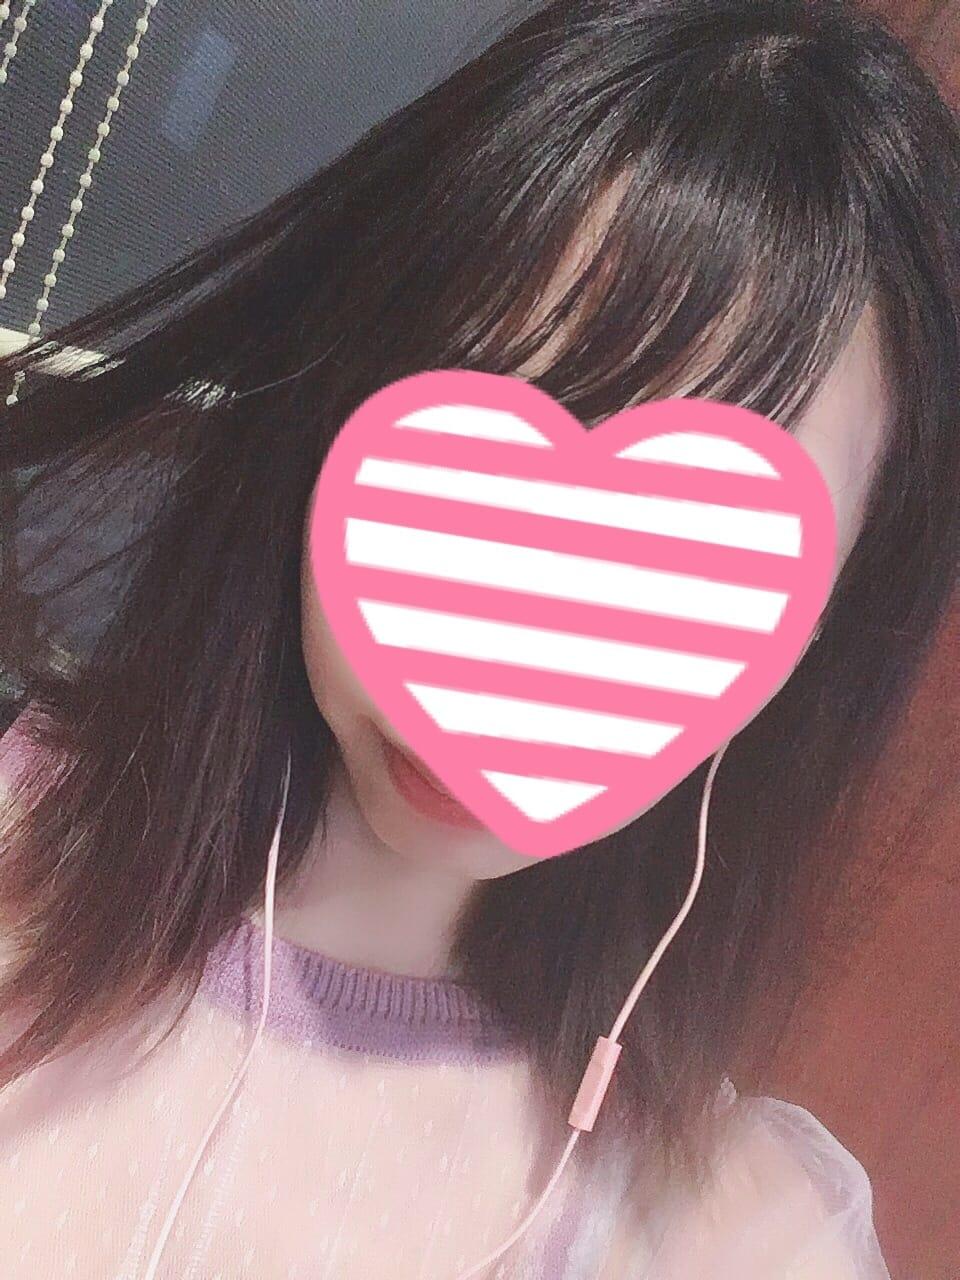 「初めまして」09/15(日) 12:09 | 限定セラピストの写メ・風俗動画